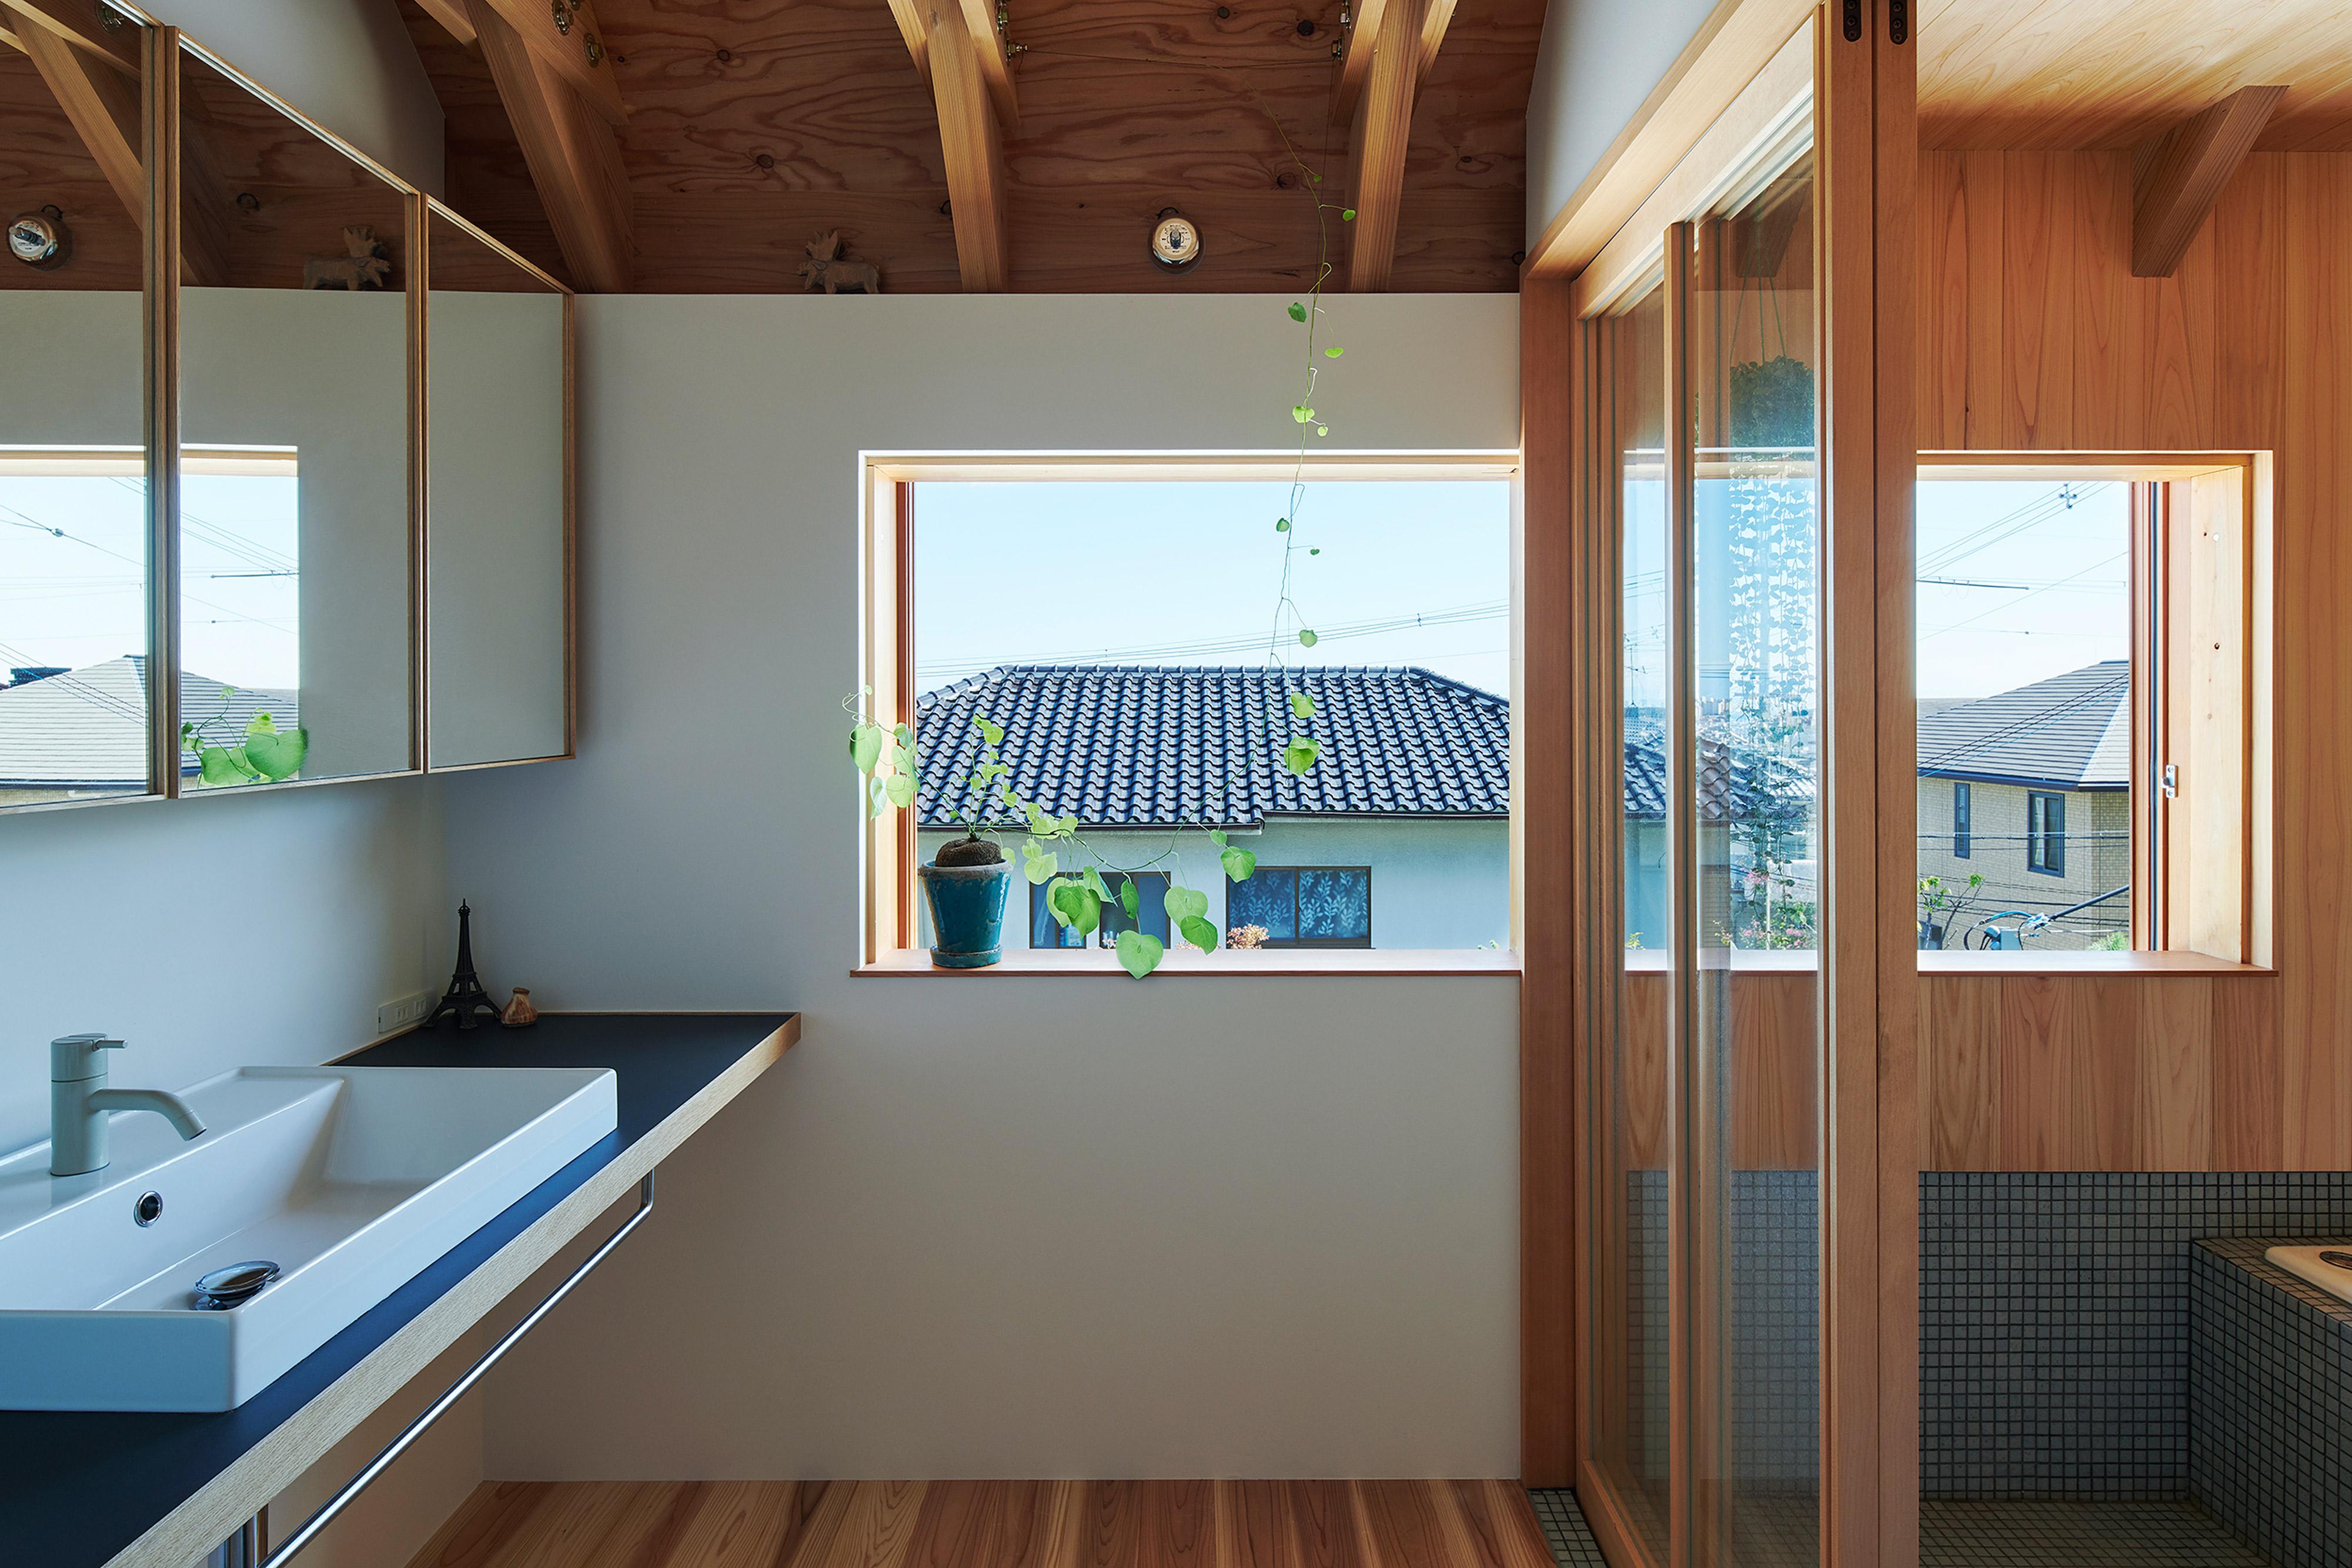 横長の窓が開放的な2階の洗面所